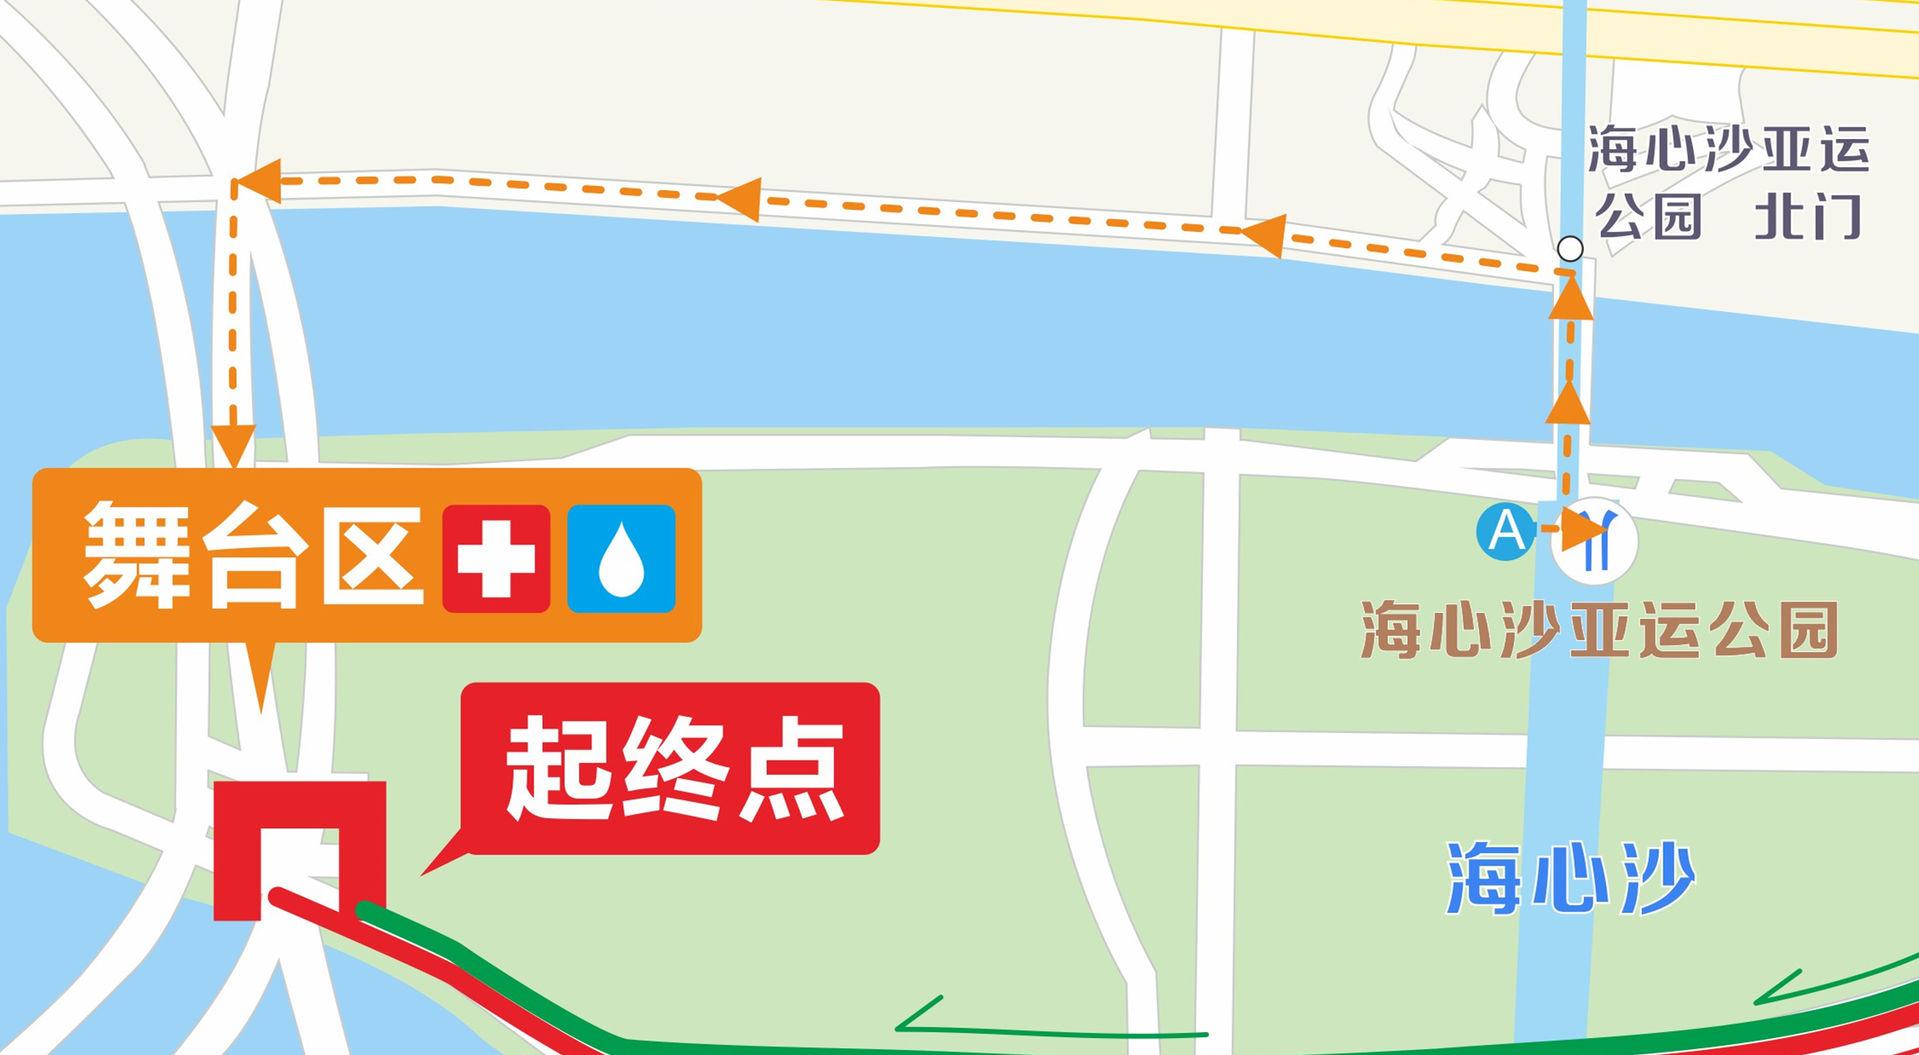 交通路线图.jpg